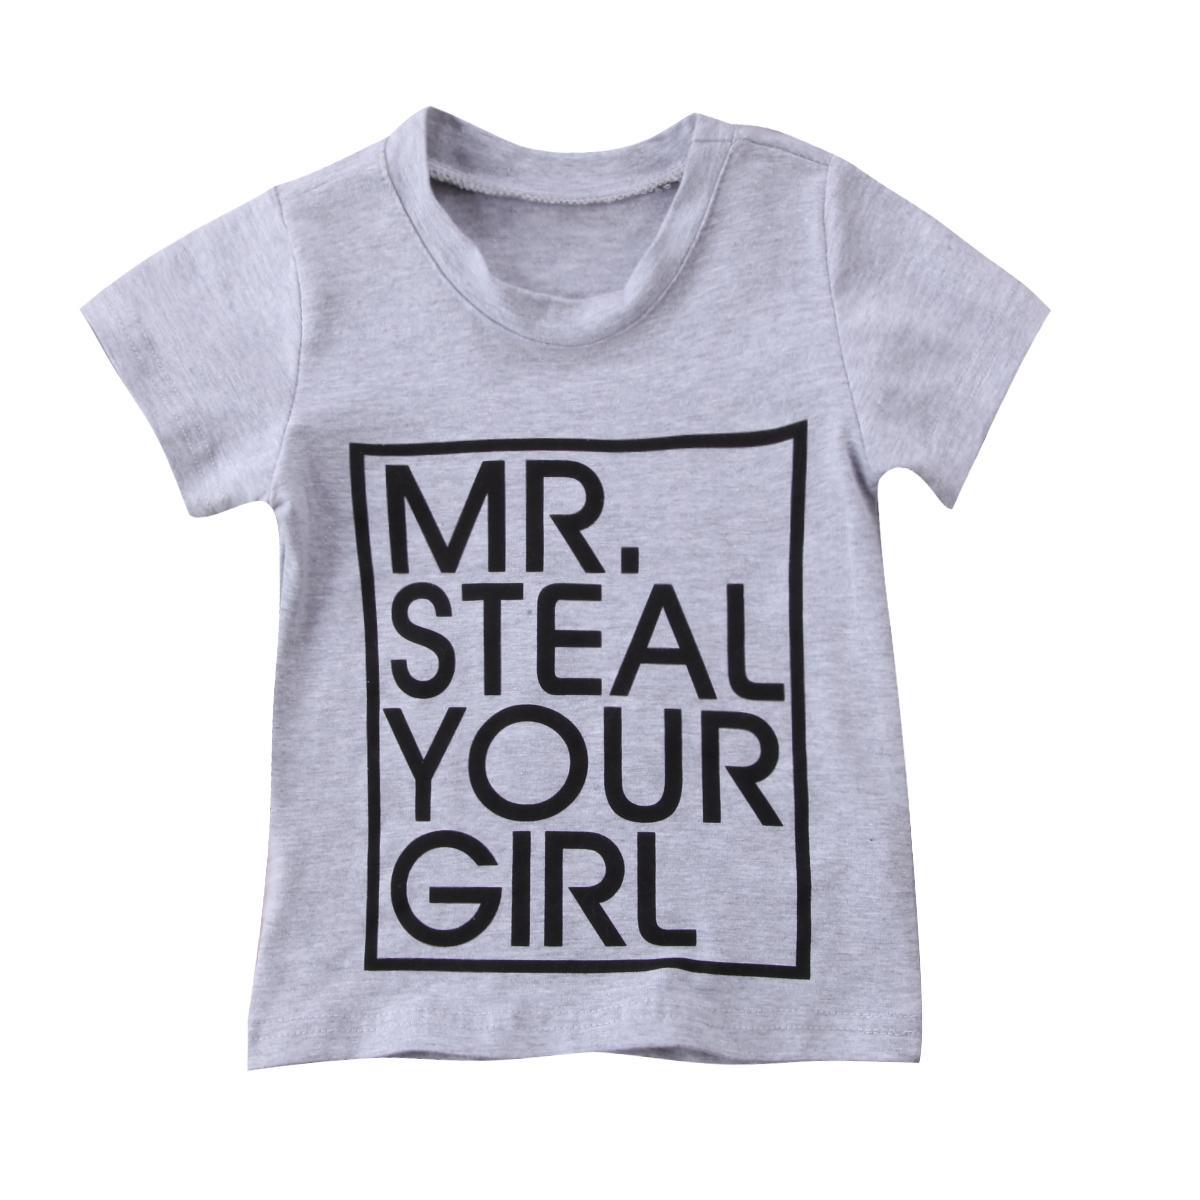 Pudcoco 2017 Kinder Baby-Kleidung Brief Cotton T-Shirts Outfits Tops beiläufige Mädchen Kleidung grau / schwarz